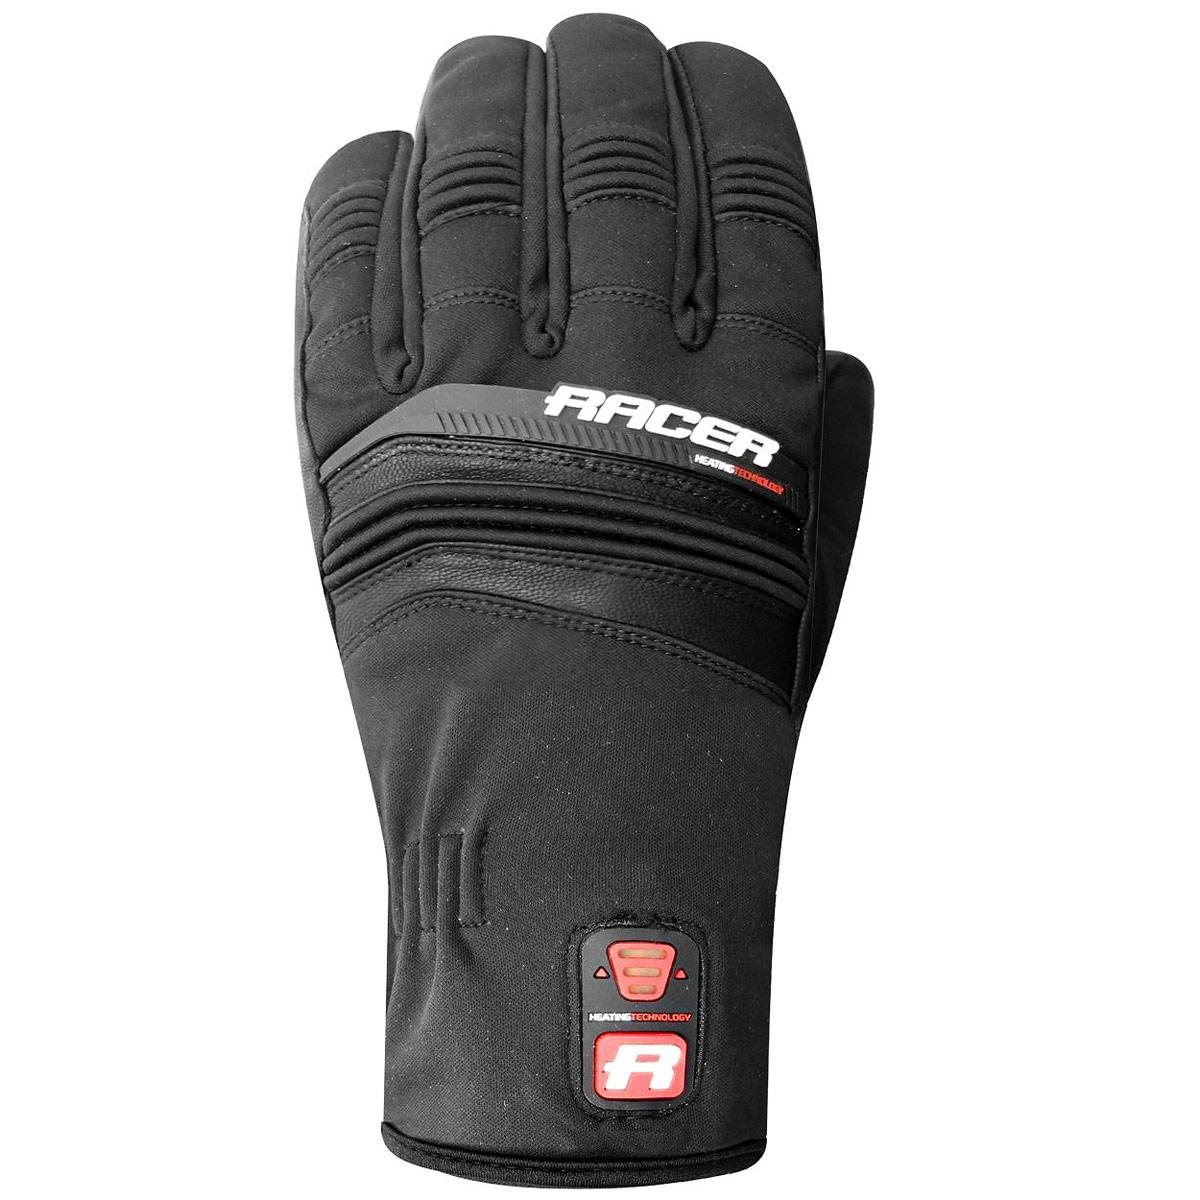 gants chauffants racer connectic short gants moto hiver japauto accessoires. Black Bedroom Furniture Sets. Home Design Ideas